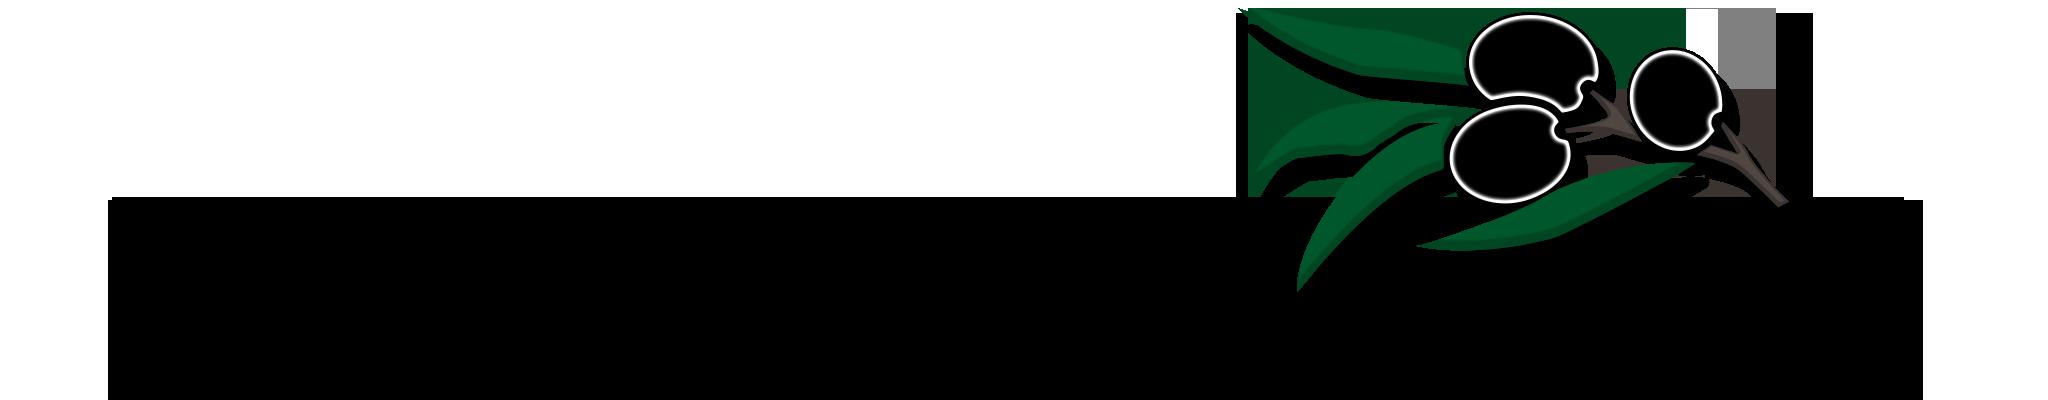 La Maison Du Castellet - English